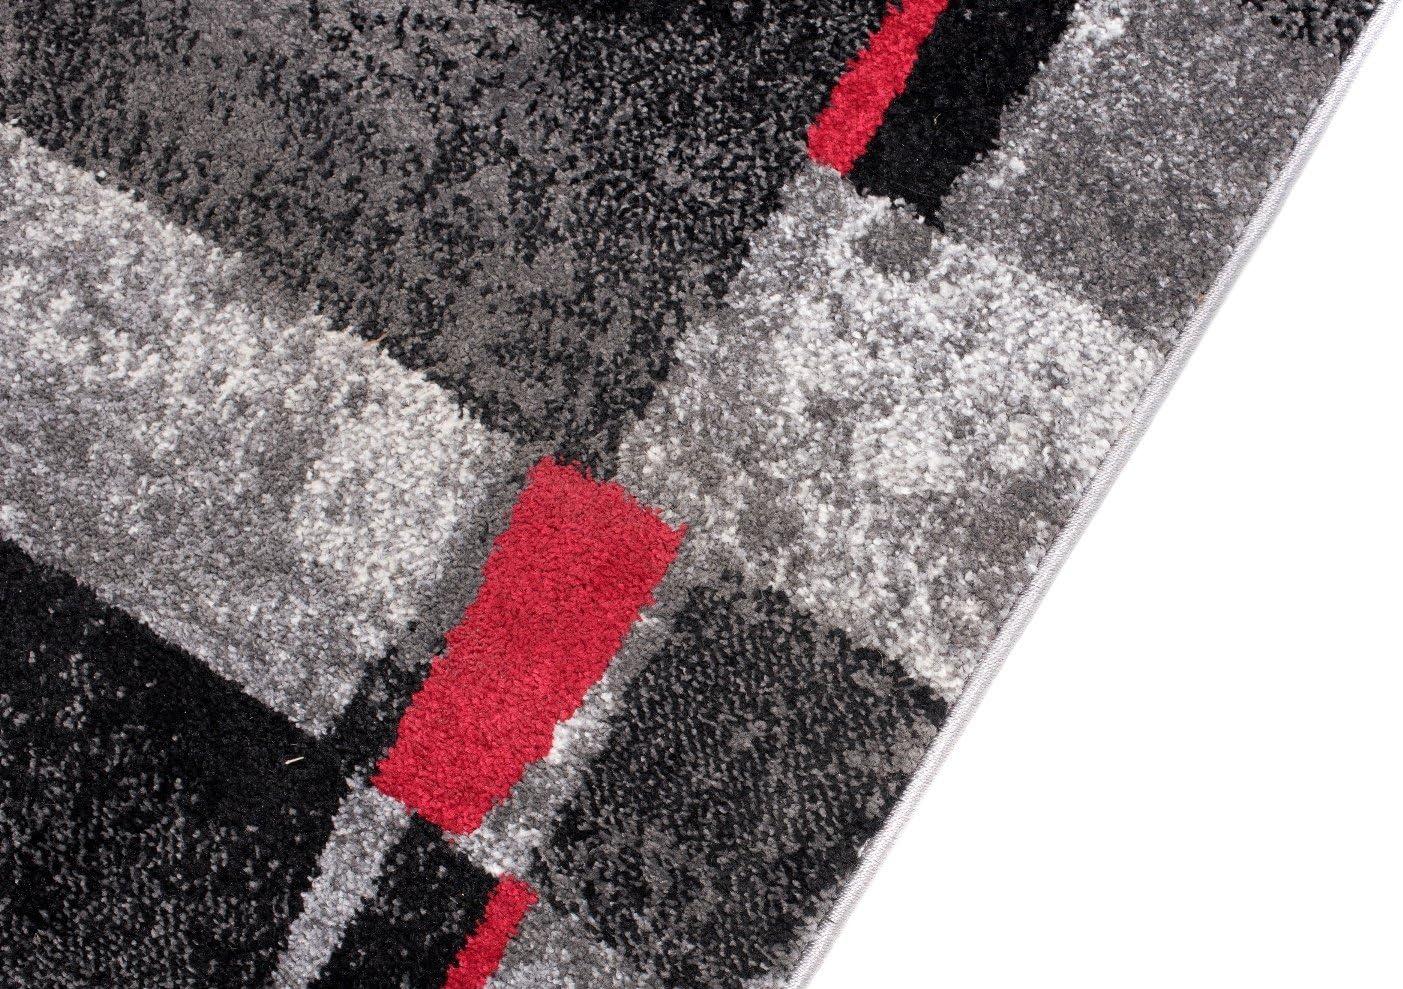 Migliore qualit/à Colore Antracite Grigio Rosso Motivo Quadrato Tappeto Passatoia per Corridoio Moderno Collezione Twist Diverse Misure S-XXXL 70 x 50 cm